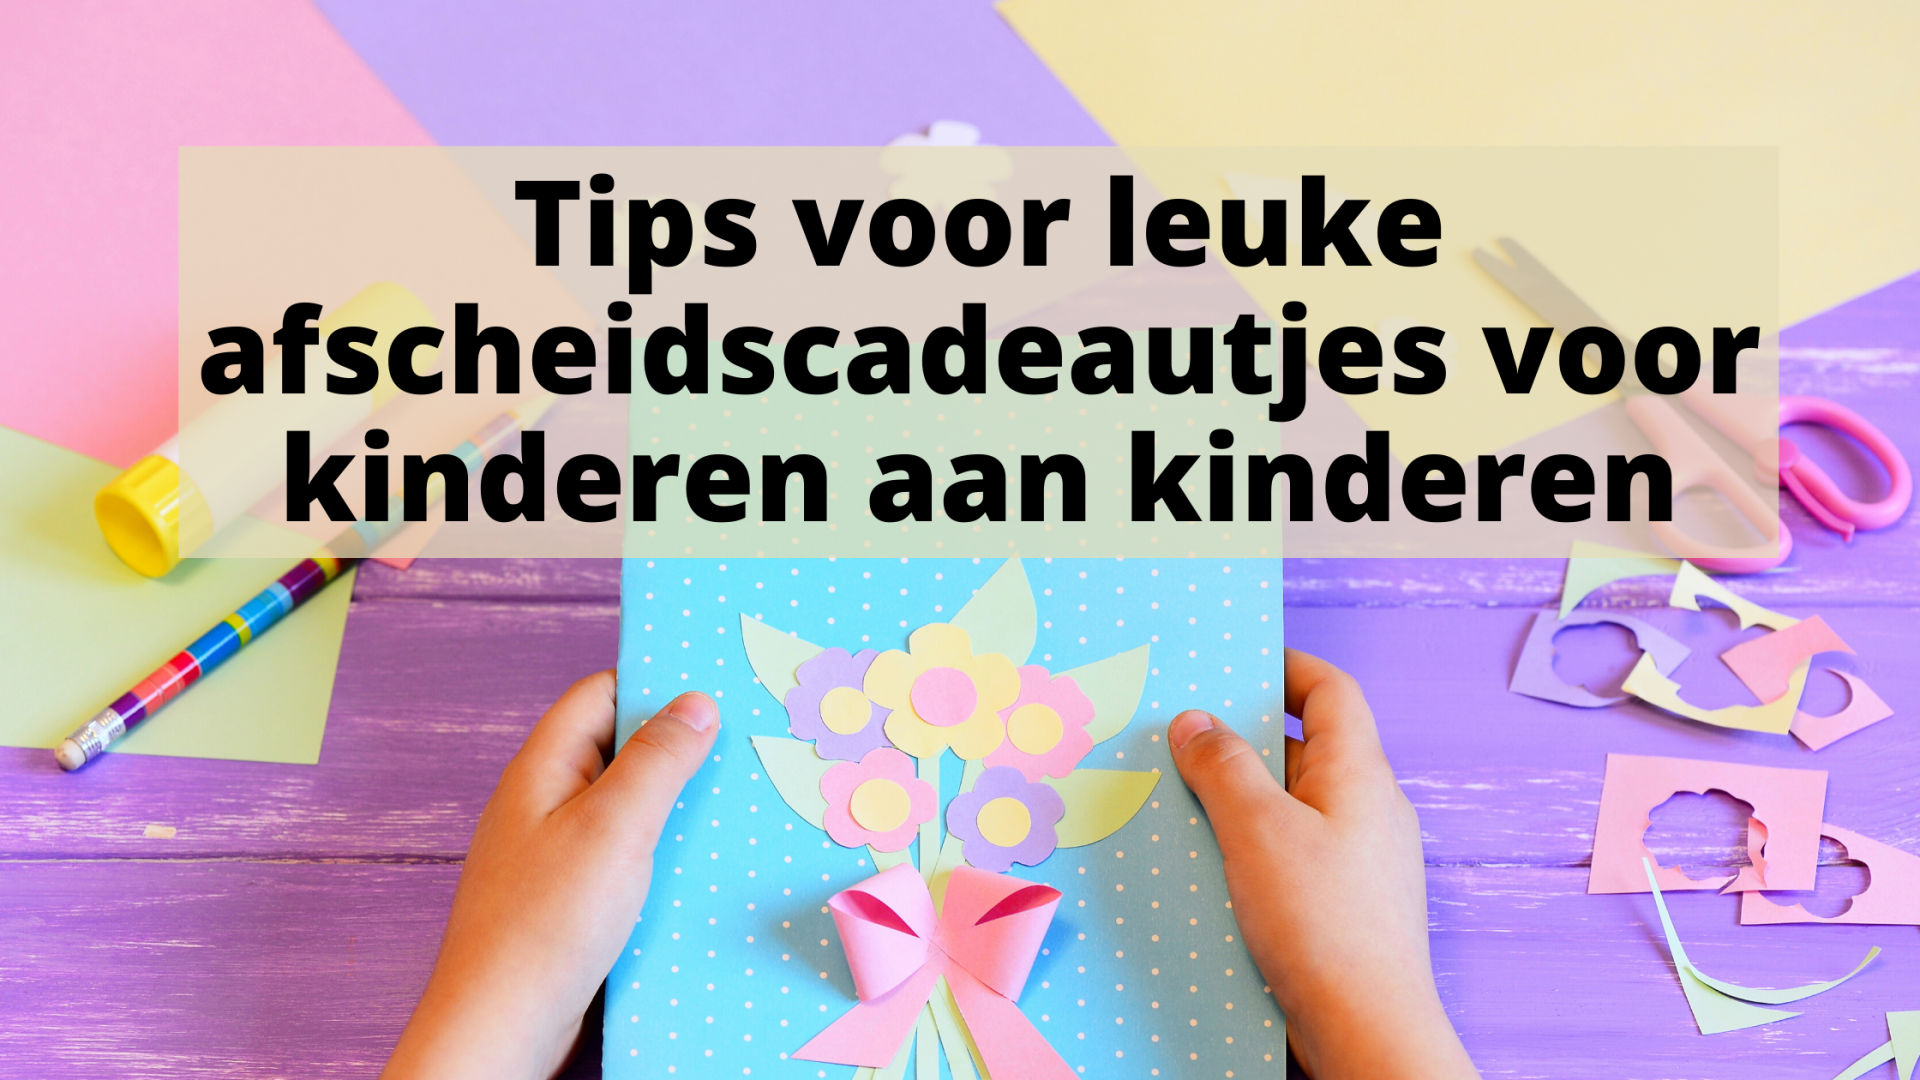 Tips voor leuke afscheidscadeautjes voor kinderen aan kinderen